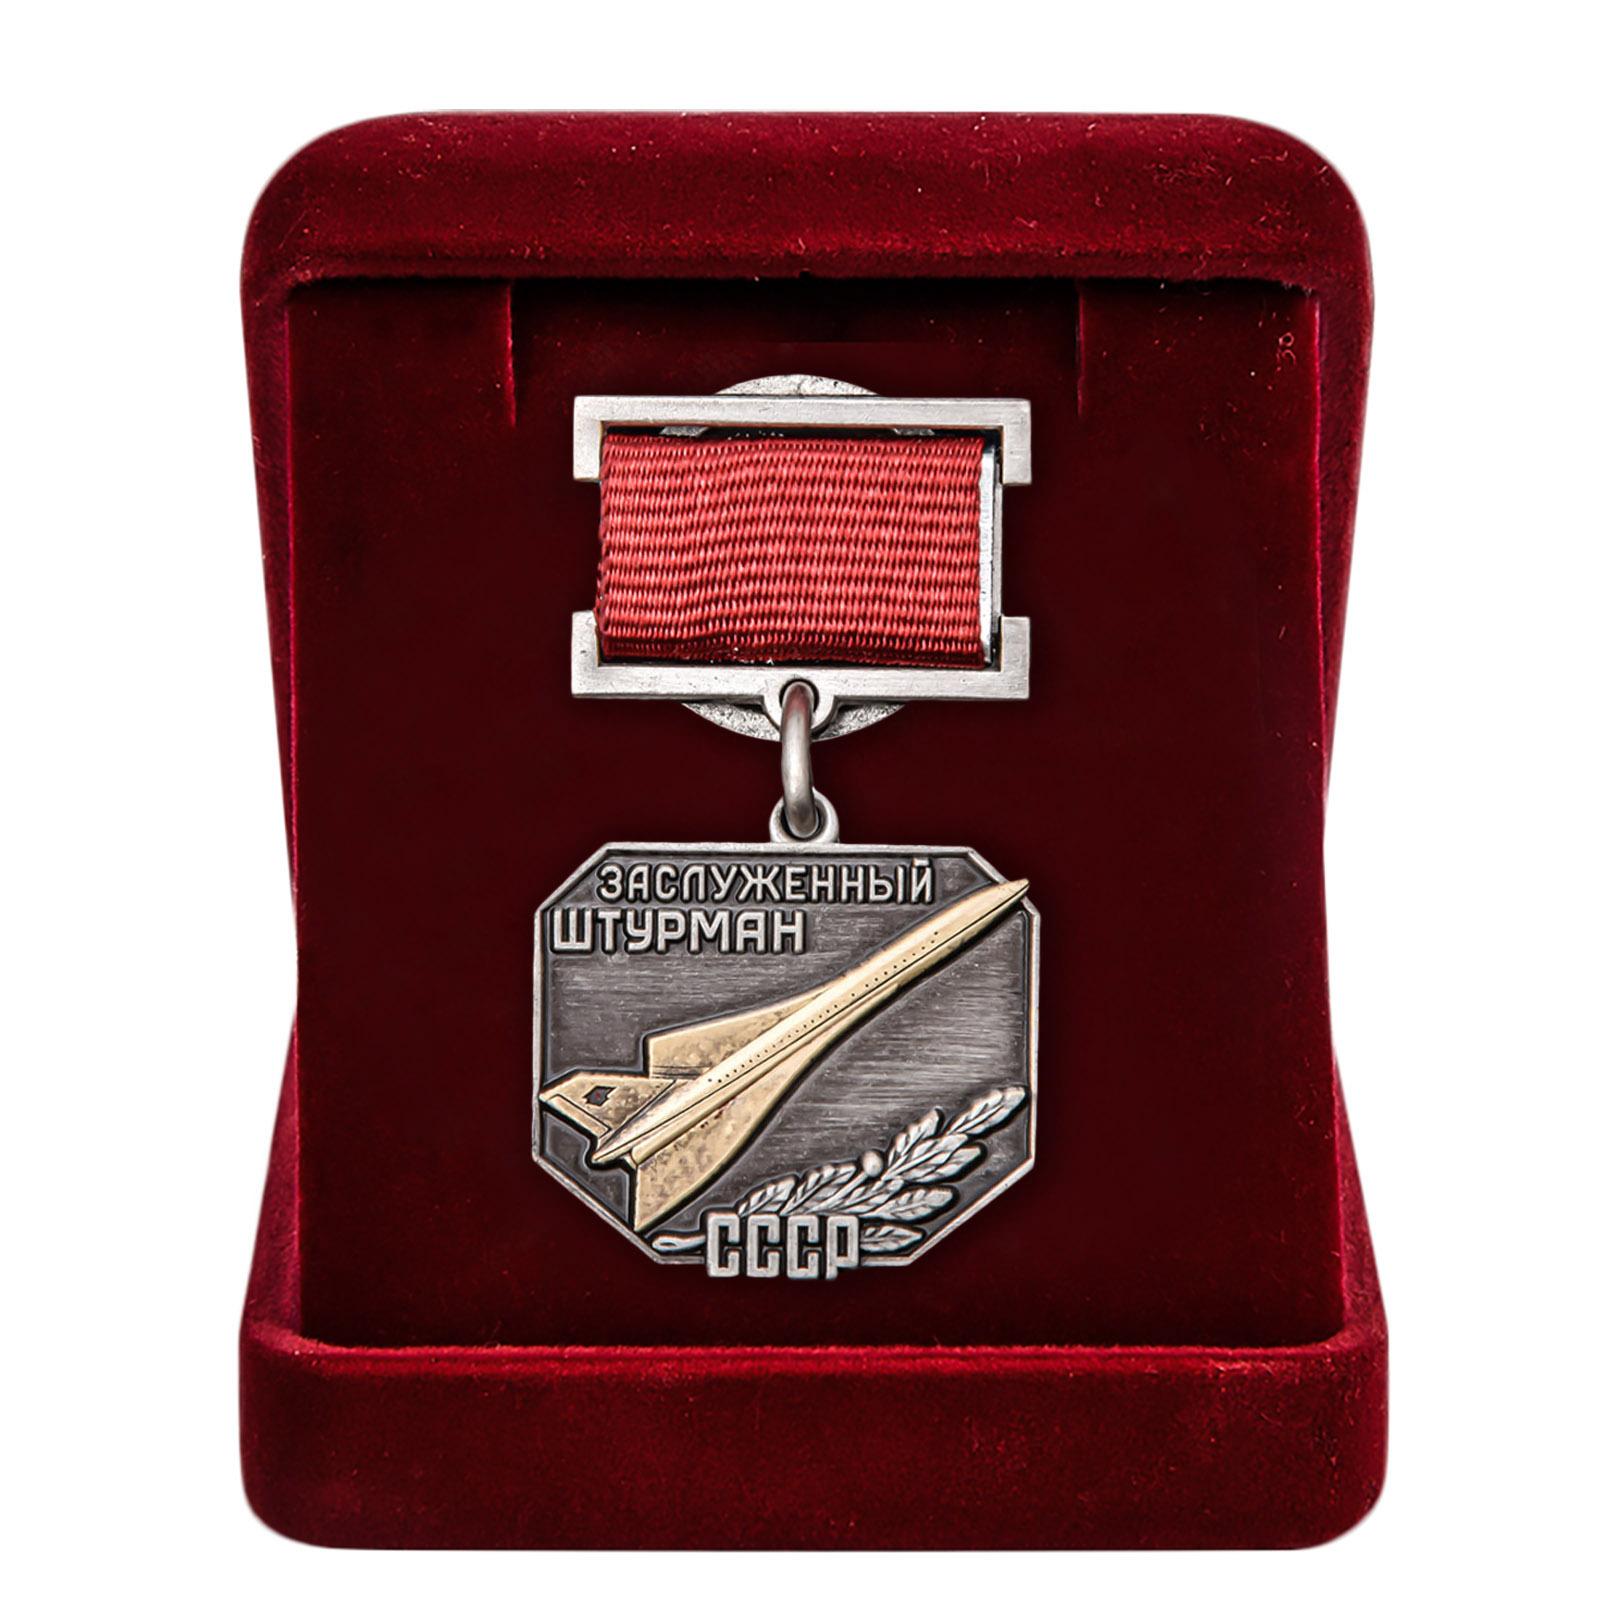 Купить знак Заслуженный штурман СССР оптом или в розницу